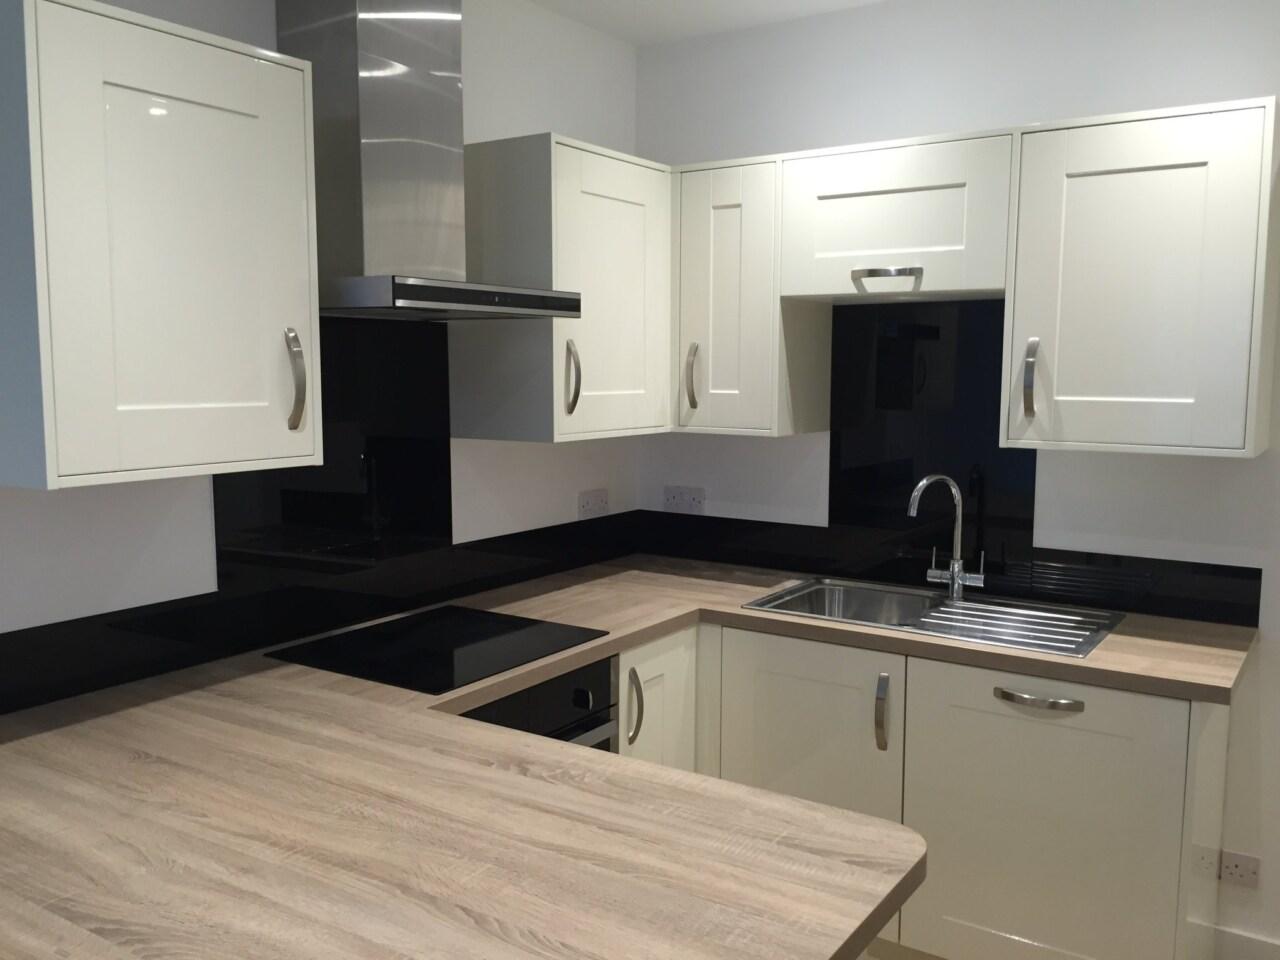 Kitchen Splashback In Black